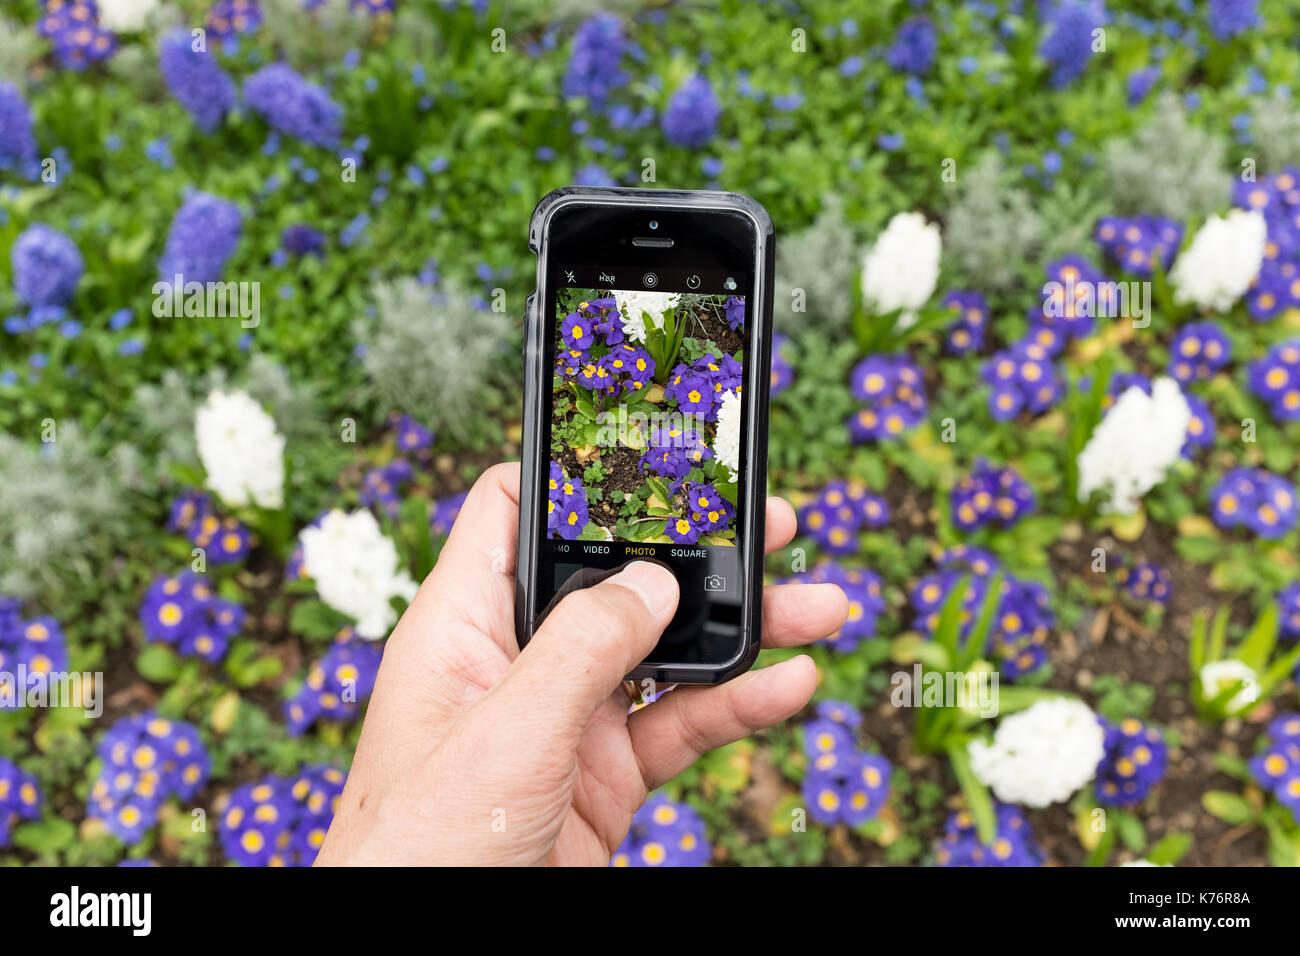 Ein männlicher, Foto, Scilloideae Hyacynth (Asparagaceae) und Primel (Crescendo Blautöne) mit einem iPhone SE smartphone Stockbild